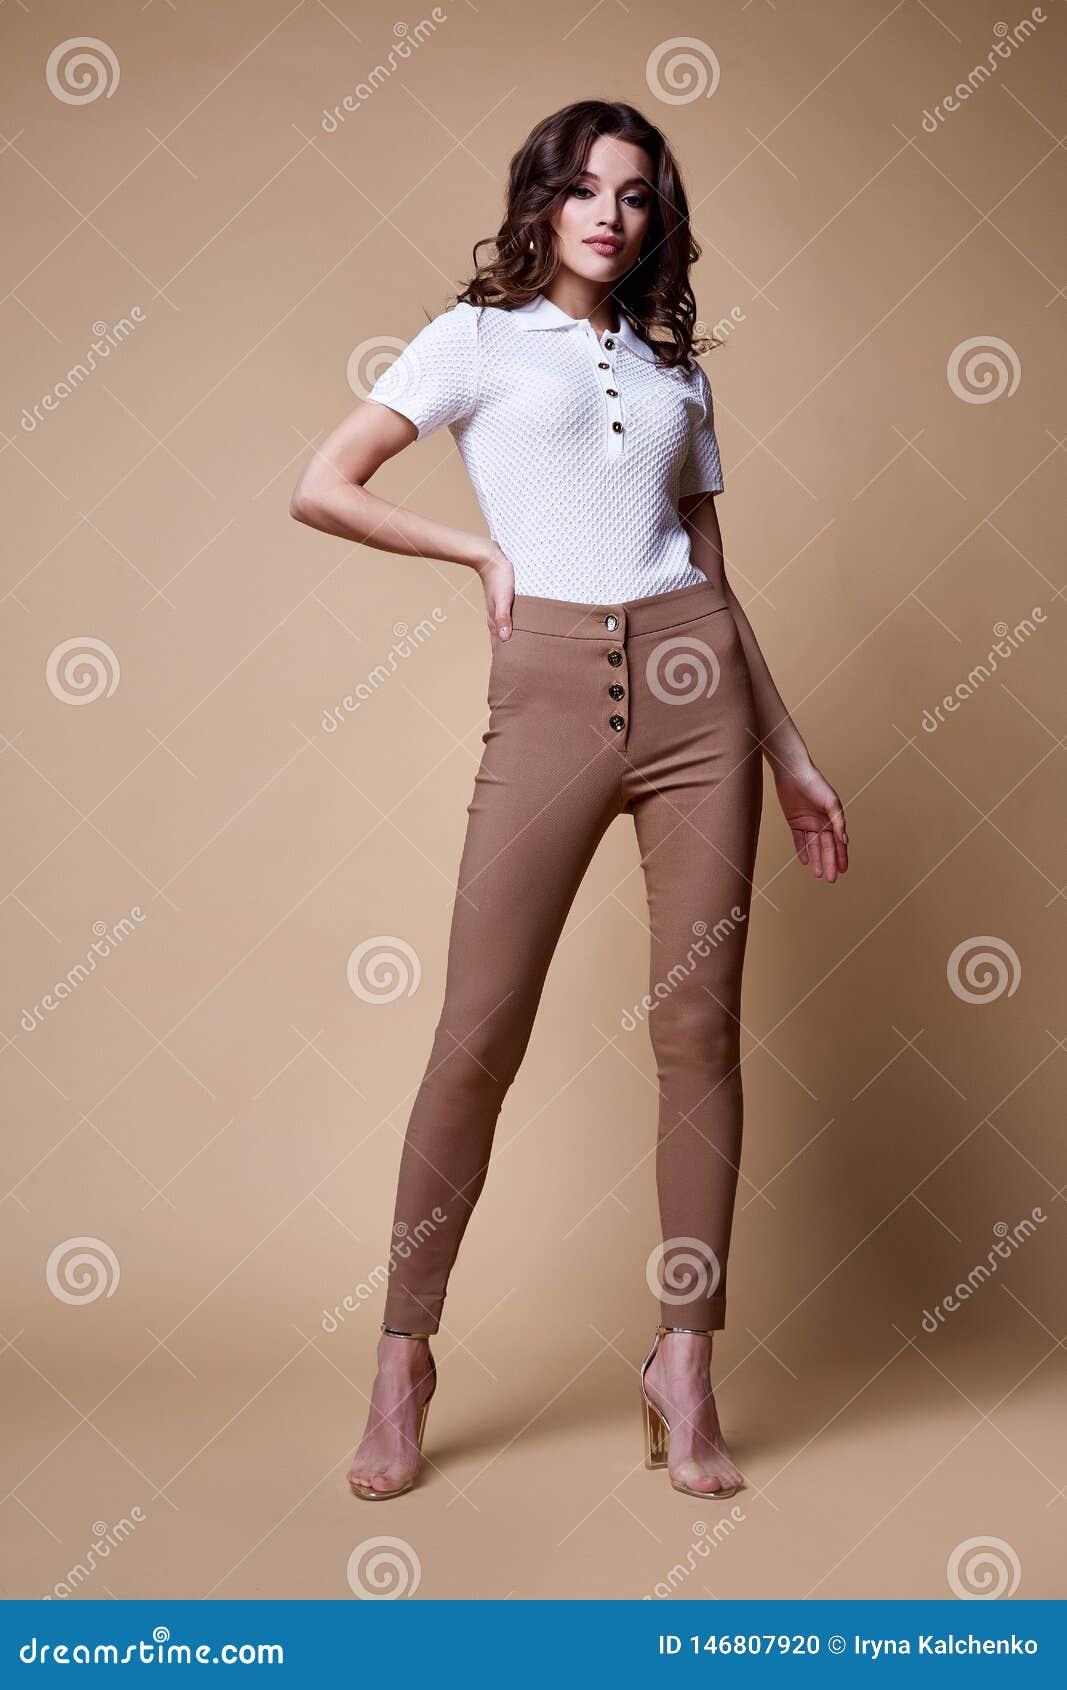 Los Pantalones De Seda De La Blusa De La Mujer De La Moda Del Encanto Del Modelo Del Pelo Del Desgaste Moreno Hermoso Atractivo D Foto De Archivo Imagen De Atractivo